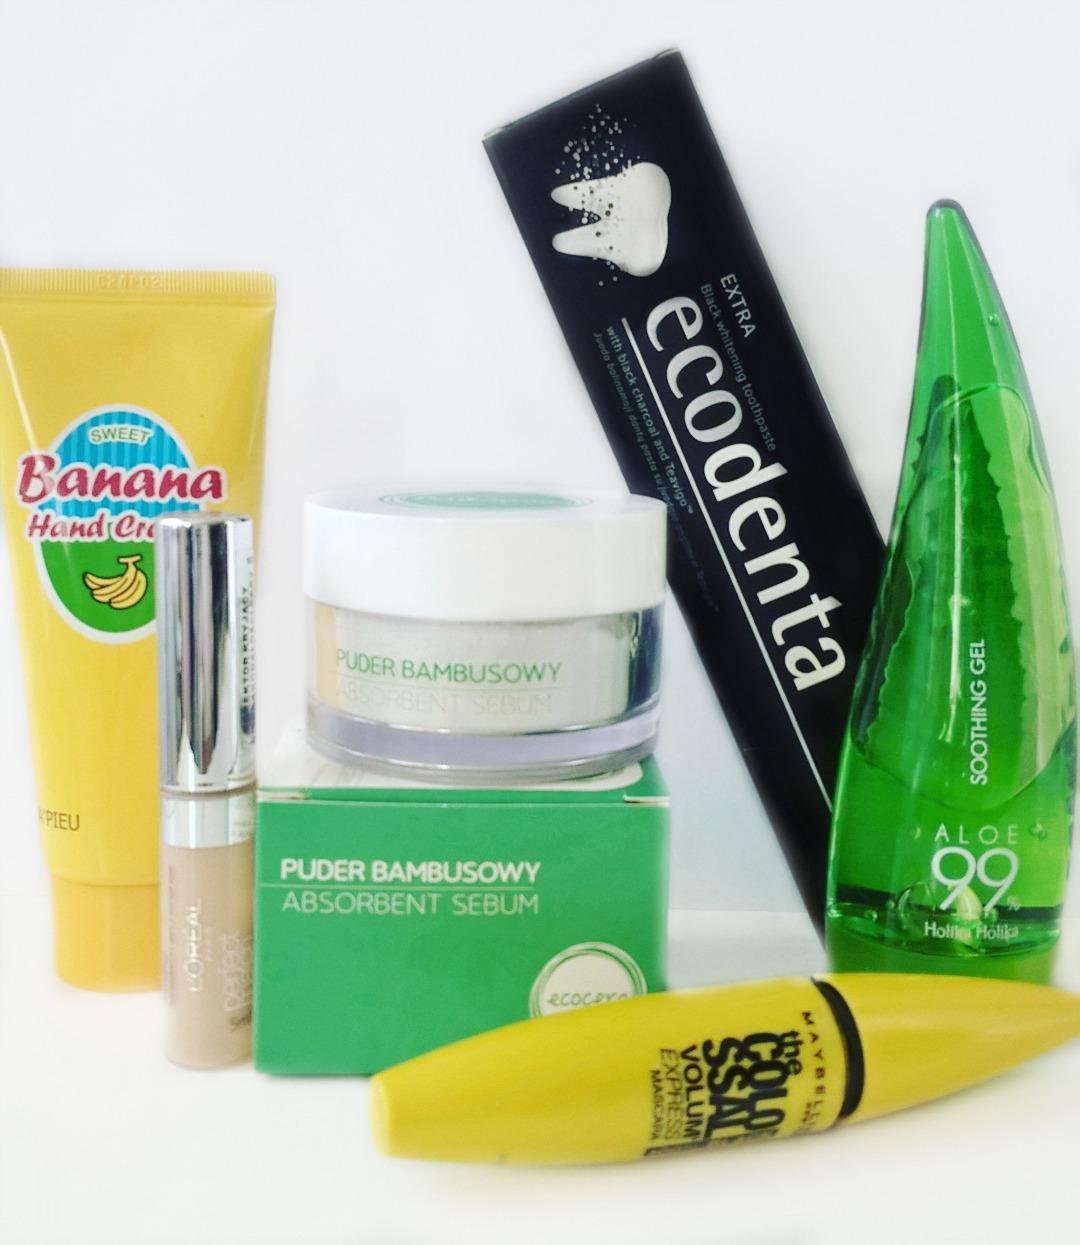 E-kobieca & Minti kosmetyki naturalne gdzie kupować